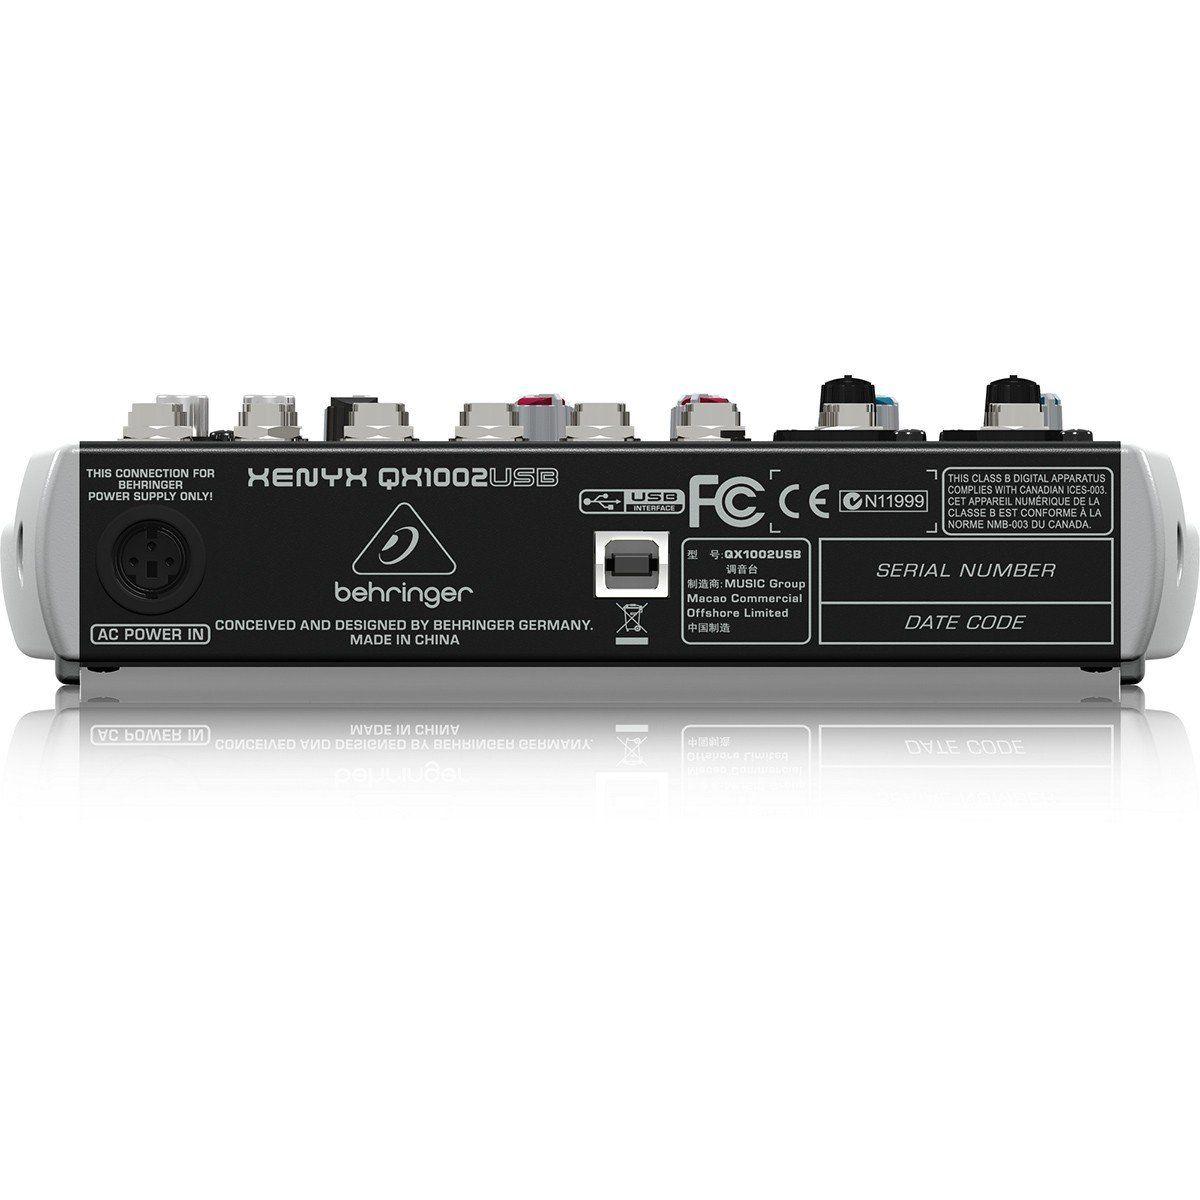 Behringer Xenyx Qx1002Usb Mesa de Som QX-1002-Usb 10 Canais para Performance Gravação